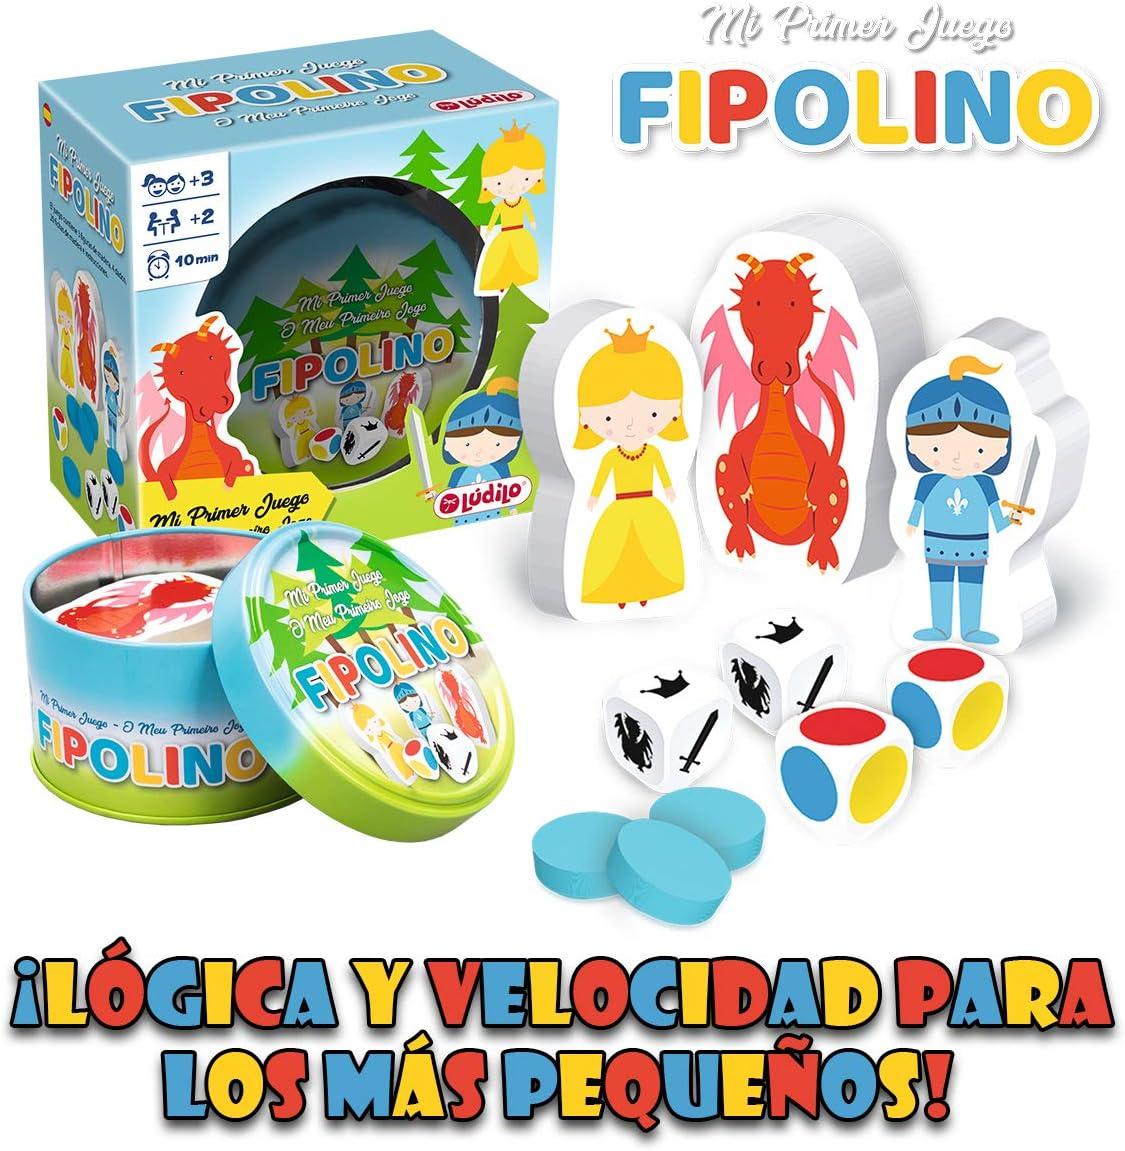 LUDILO-Fipolino mesa para niños, familia educativo, mi primer ...